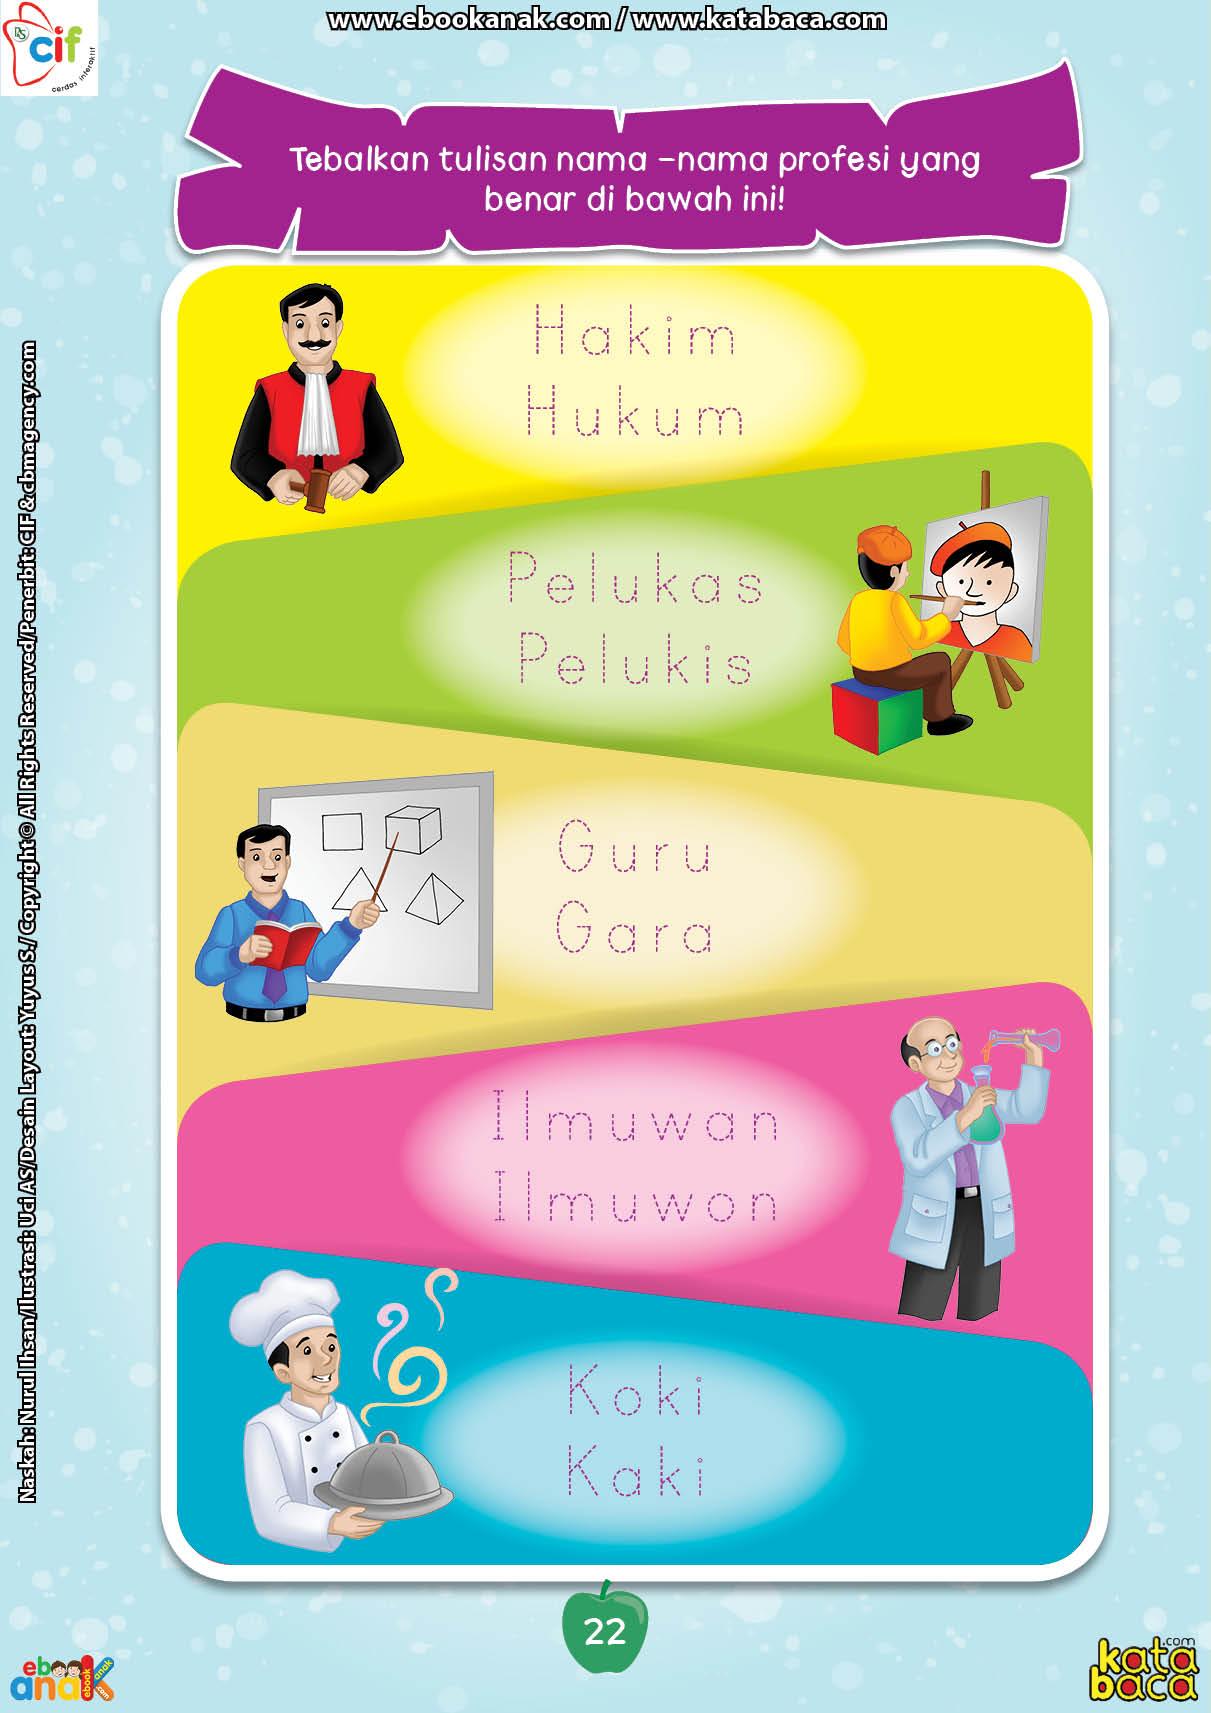 baca buku online brain games calistung22 Menebalkan Tulisan Nama-Nama Profesi yang Benar